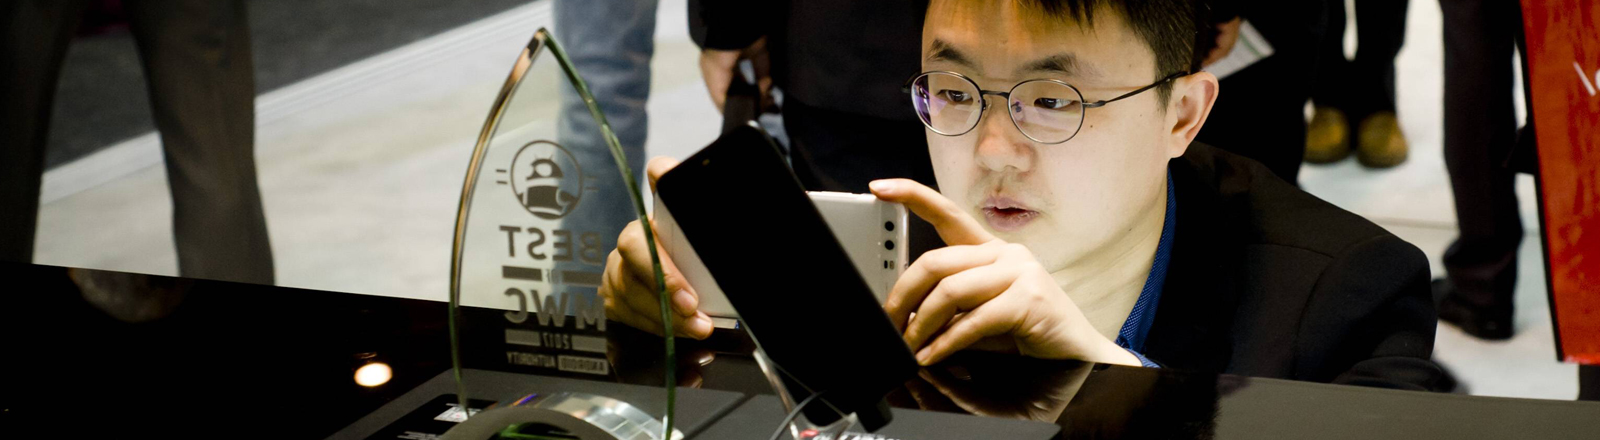 Huawei präsentiert sein neues Smartphone P10 auf dem Mobile World congress 2017